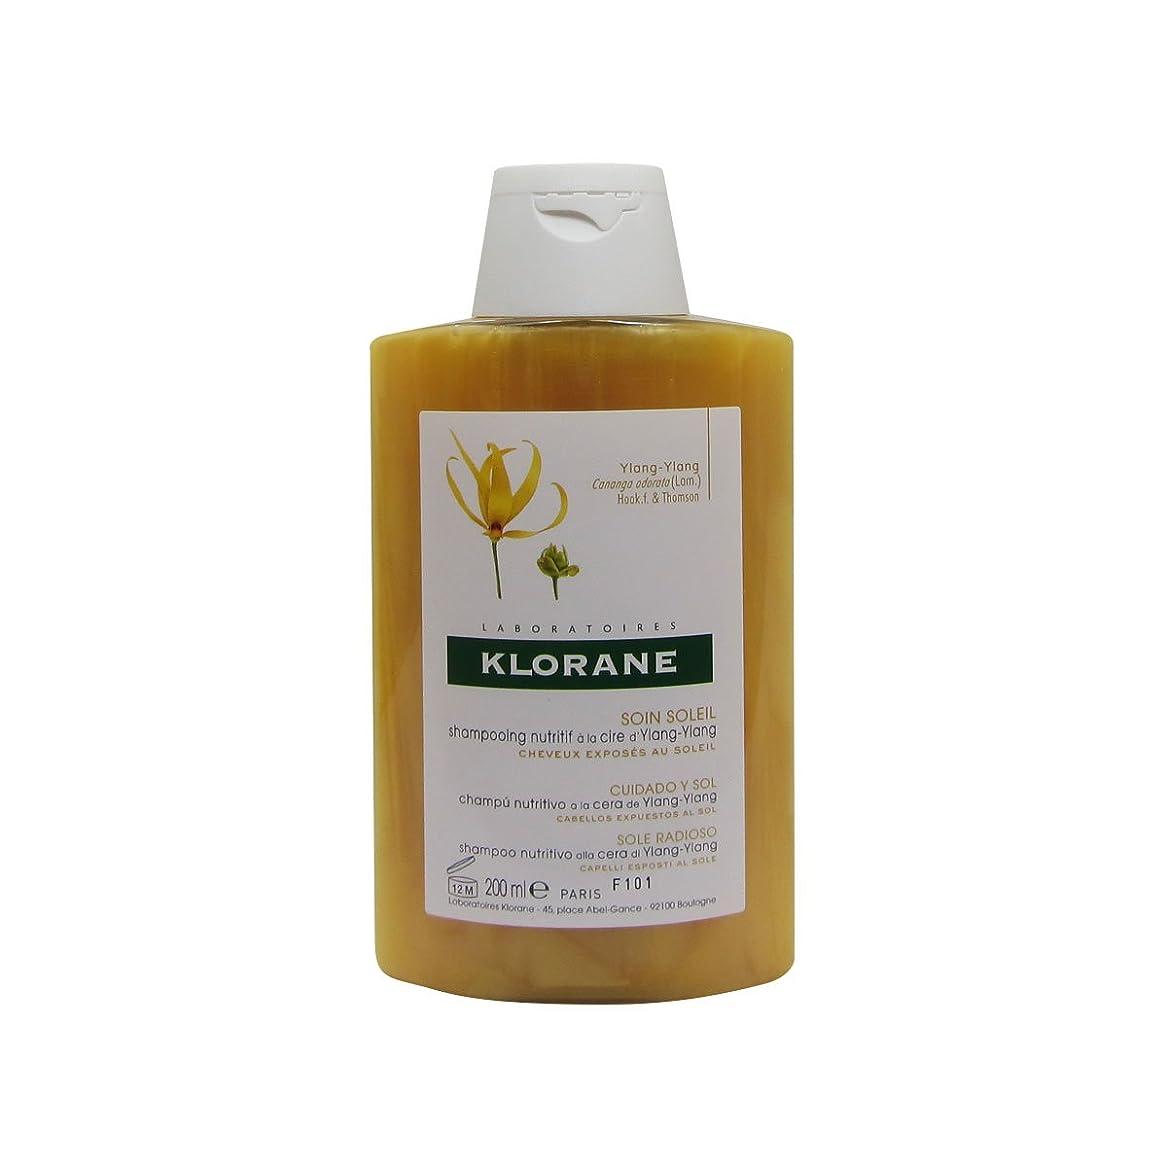 氷不規則な絞るKlorane Ylang Ylang Nourishing Shampoo Hair Exposed To The Sun 200ml [並行輸入品]